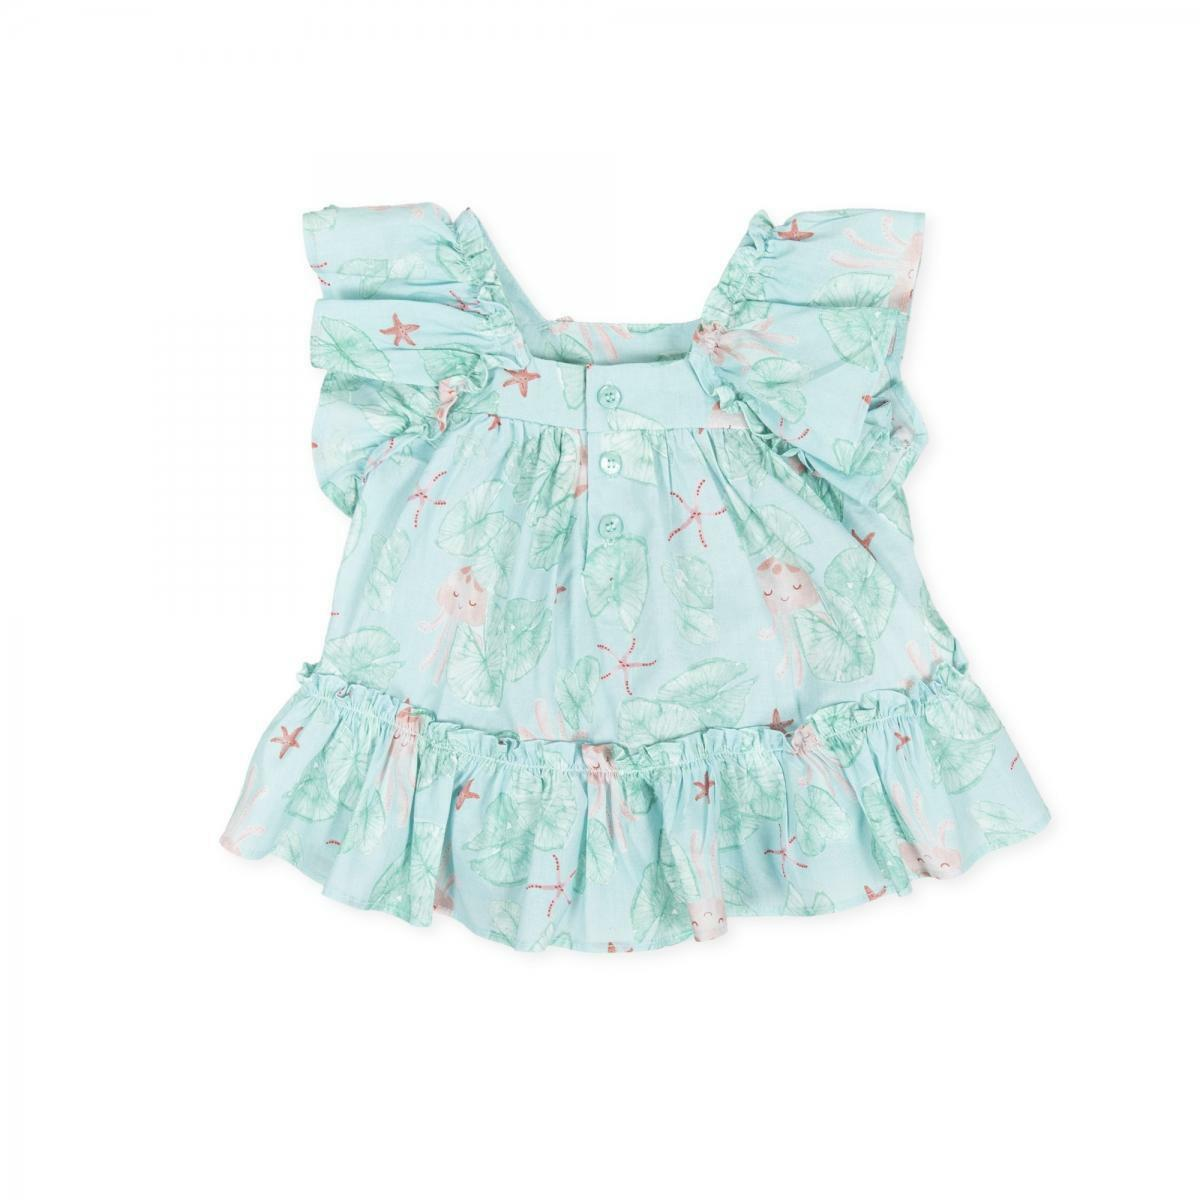 tutto piccolo tutto piccolo vestitino neonata verde acqua 8276s201